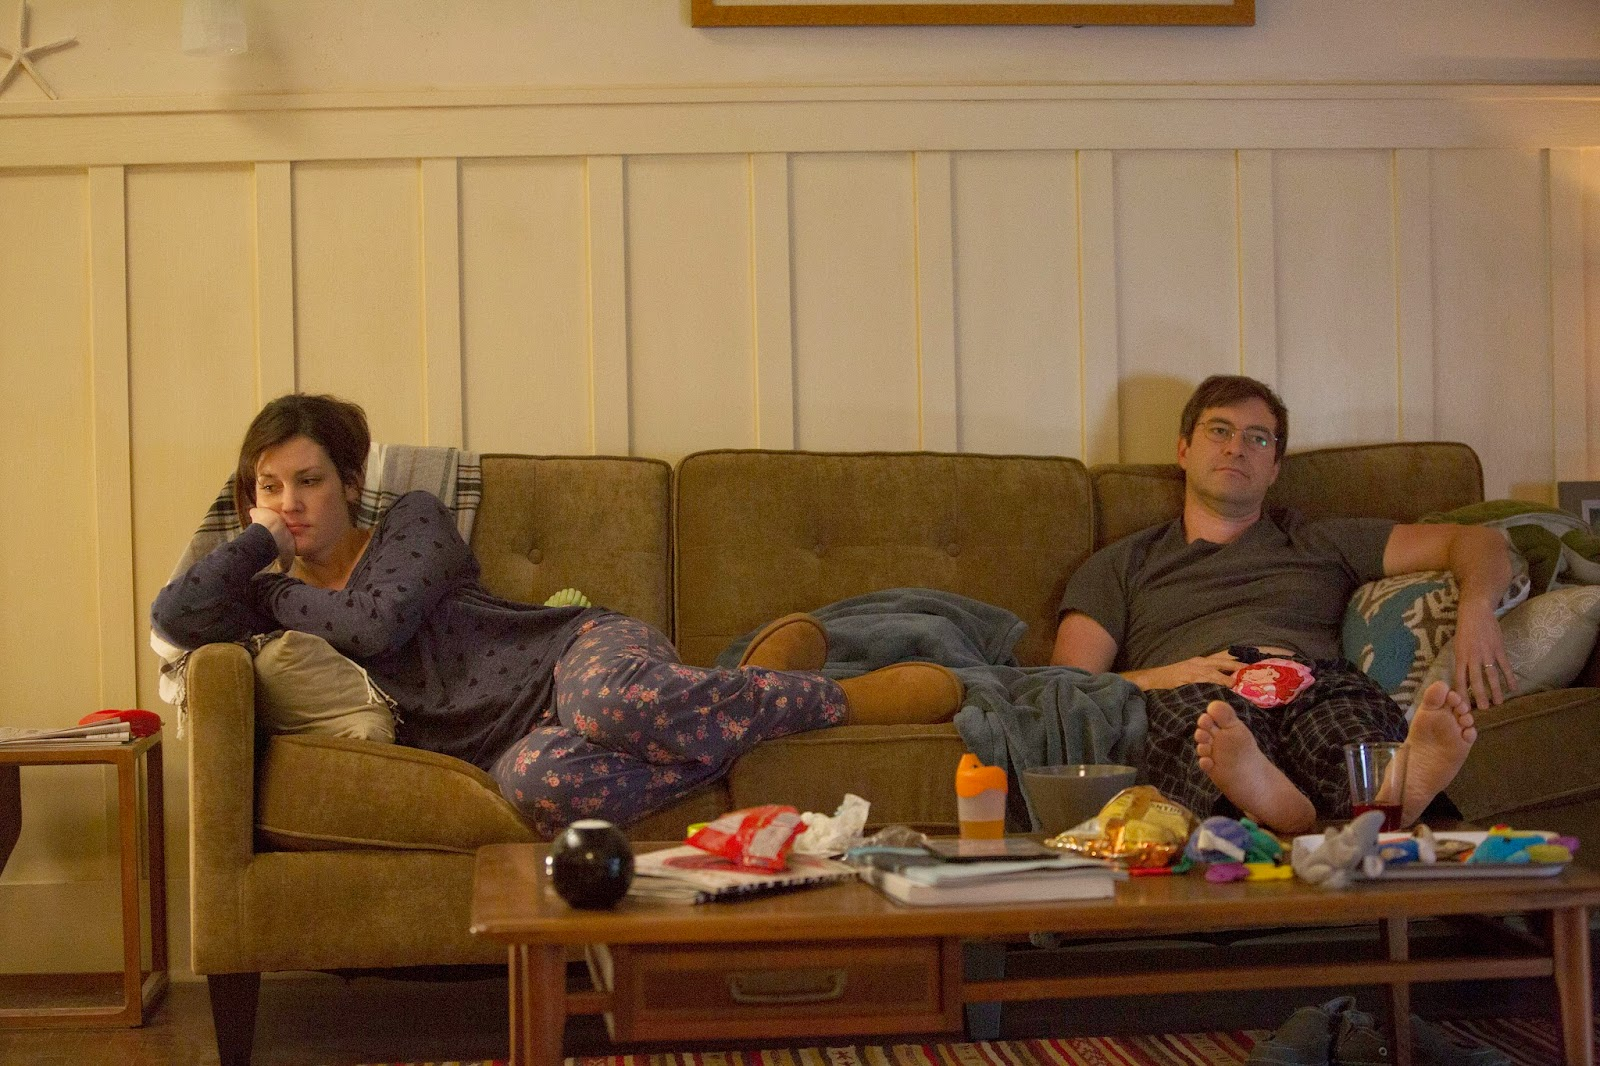 Michelle y Brett, frustrados en el sofá tras una nefasta sesión sexual